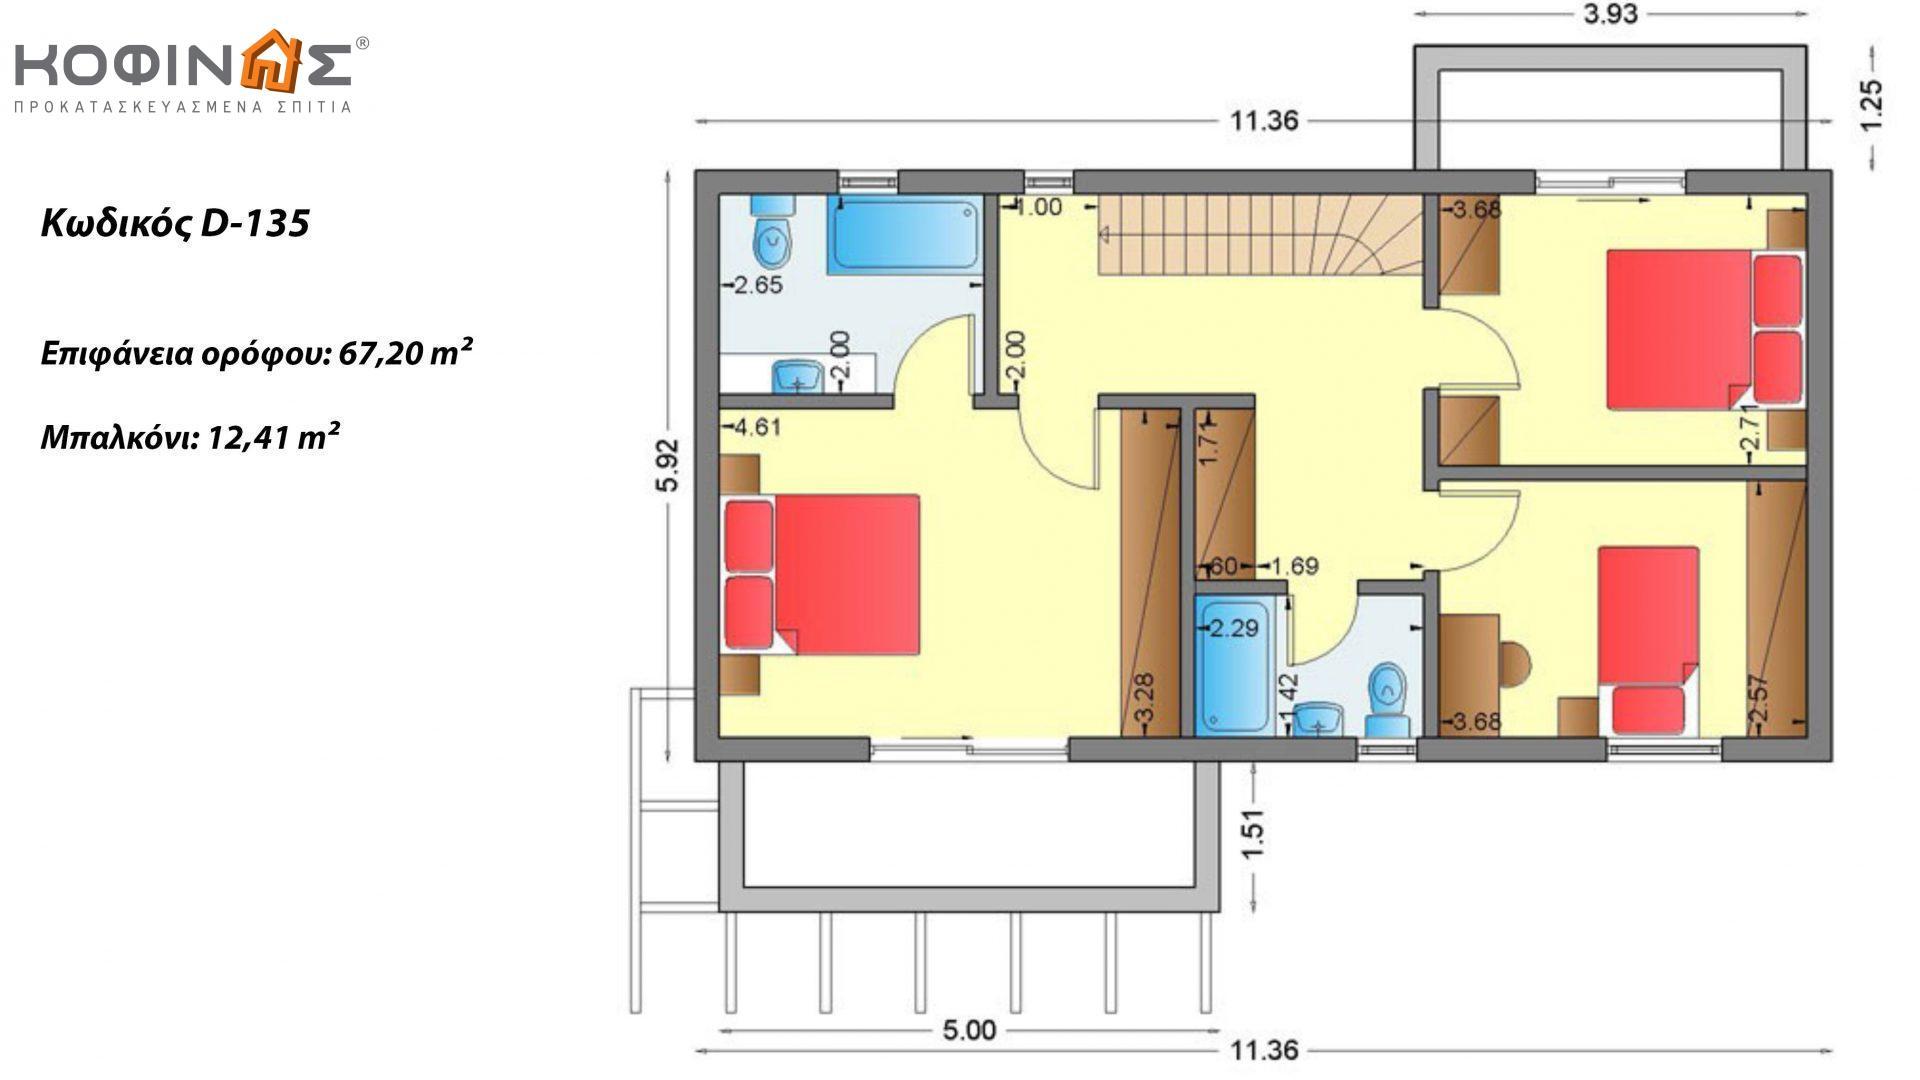 Διώροφη Κατοικία D-135, συνολικής επιφάνειας 135,20 τ.μ., συνολική επιφάνεια στεγασμένων χώρων 17.60 τ.μ., μπαλκόνια 12.41 τ.μ.